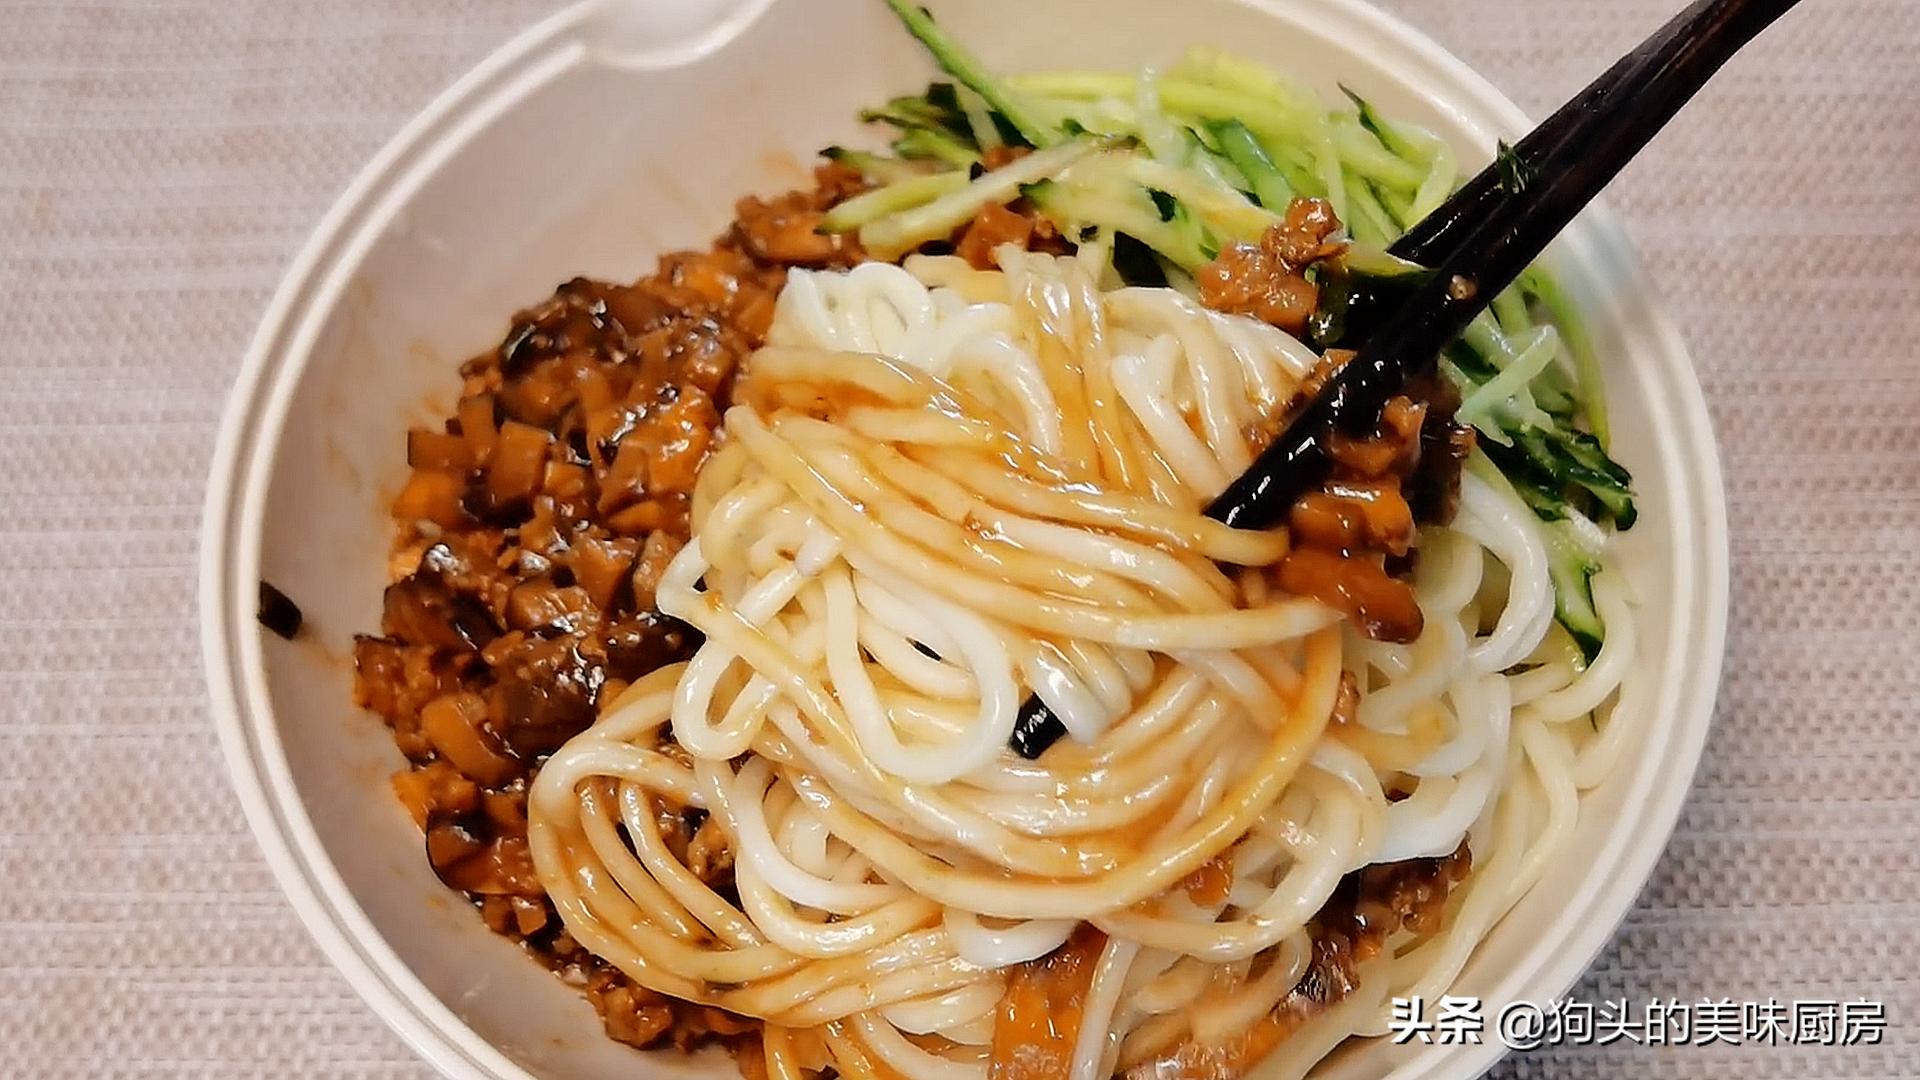 最近嘴馋没少吃它,入锅煮一煮,浇上料汁一拌,开胃又解馋 美食做法 第2张